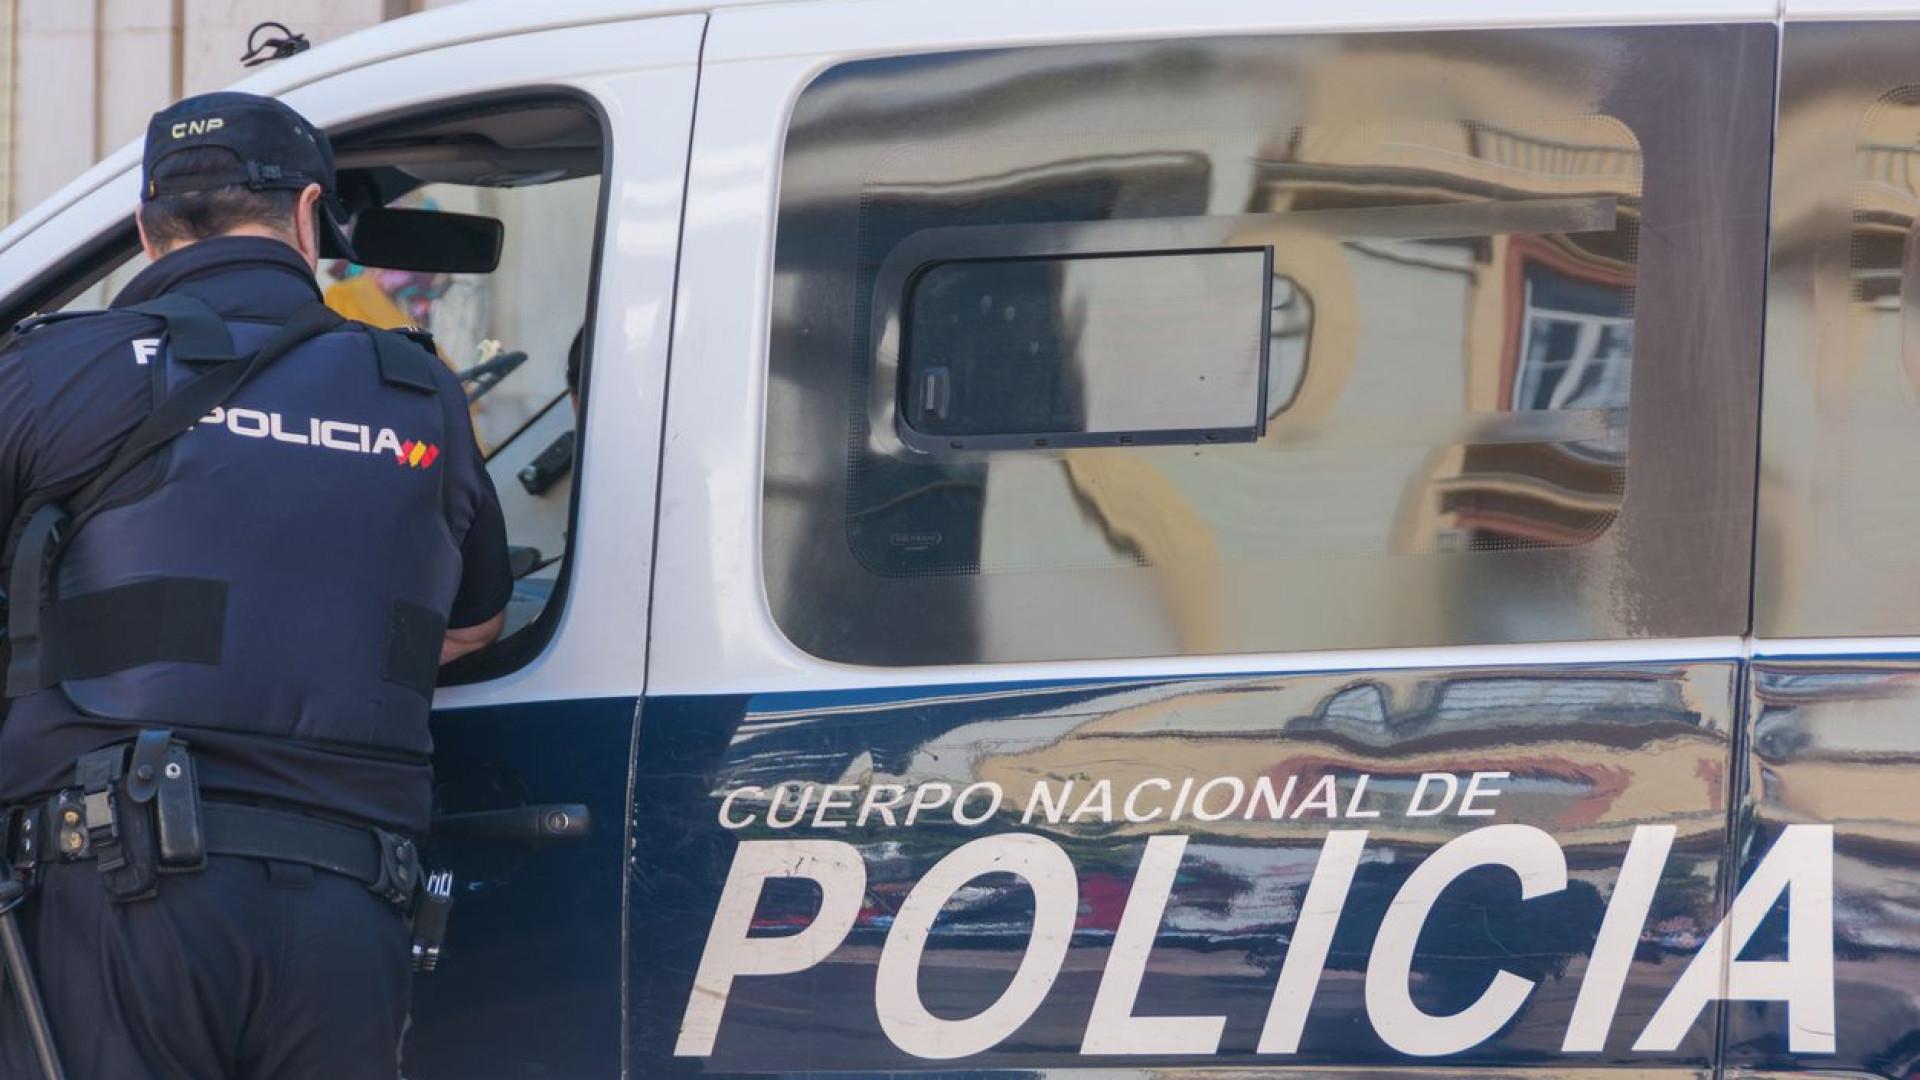 Polícia espanhola apreende quantidade recorde de metanfetaminas